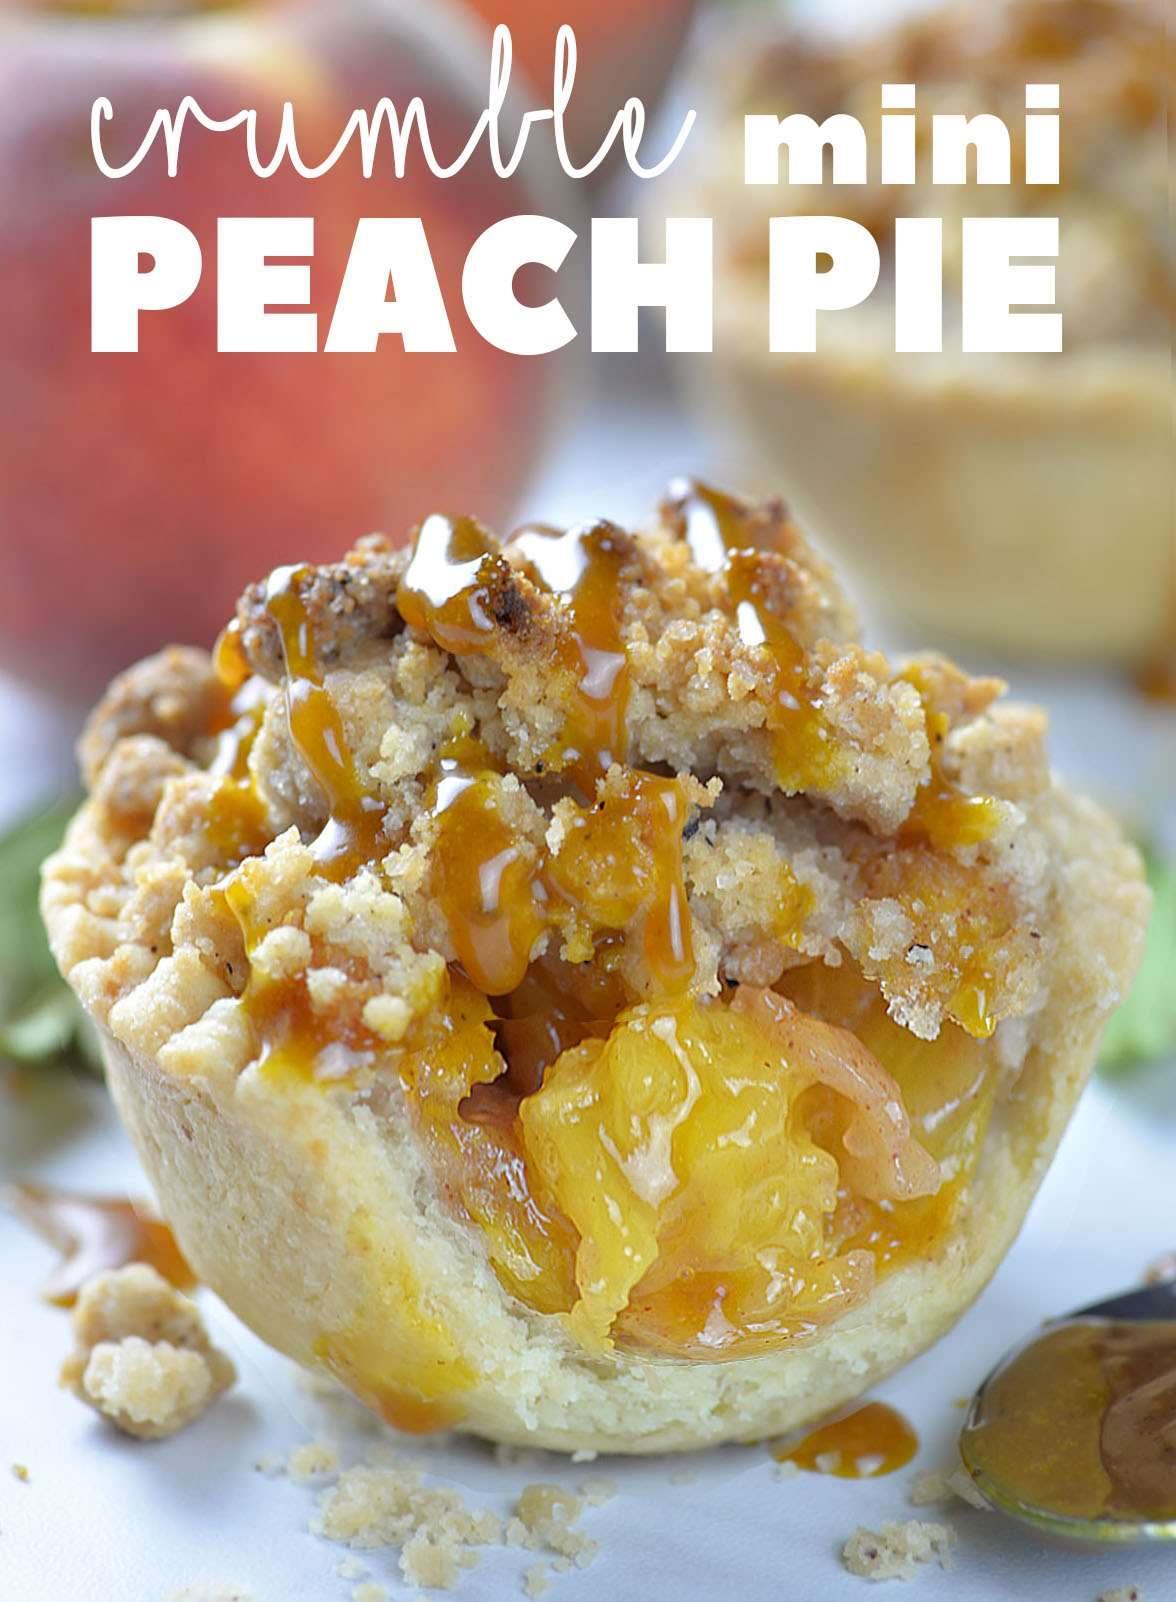 Crumble Mini Peach Pie The Best Peach Pie Recipe